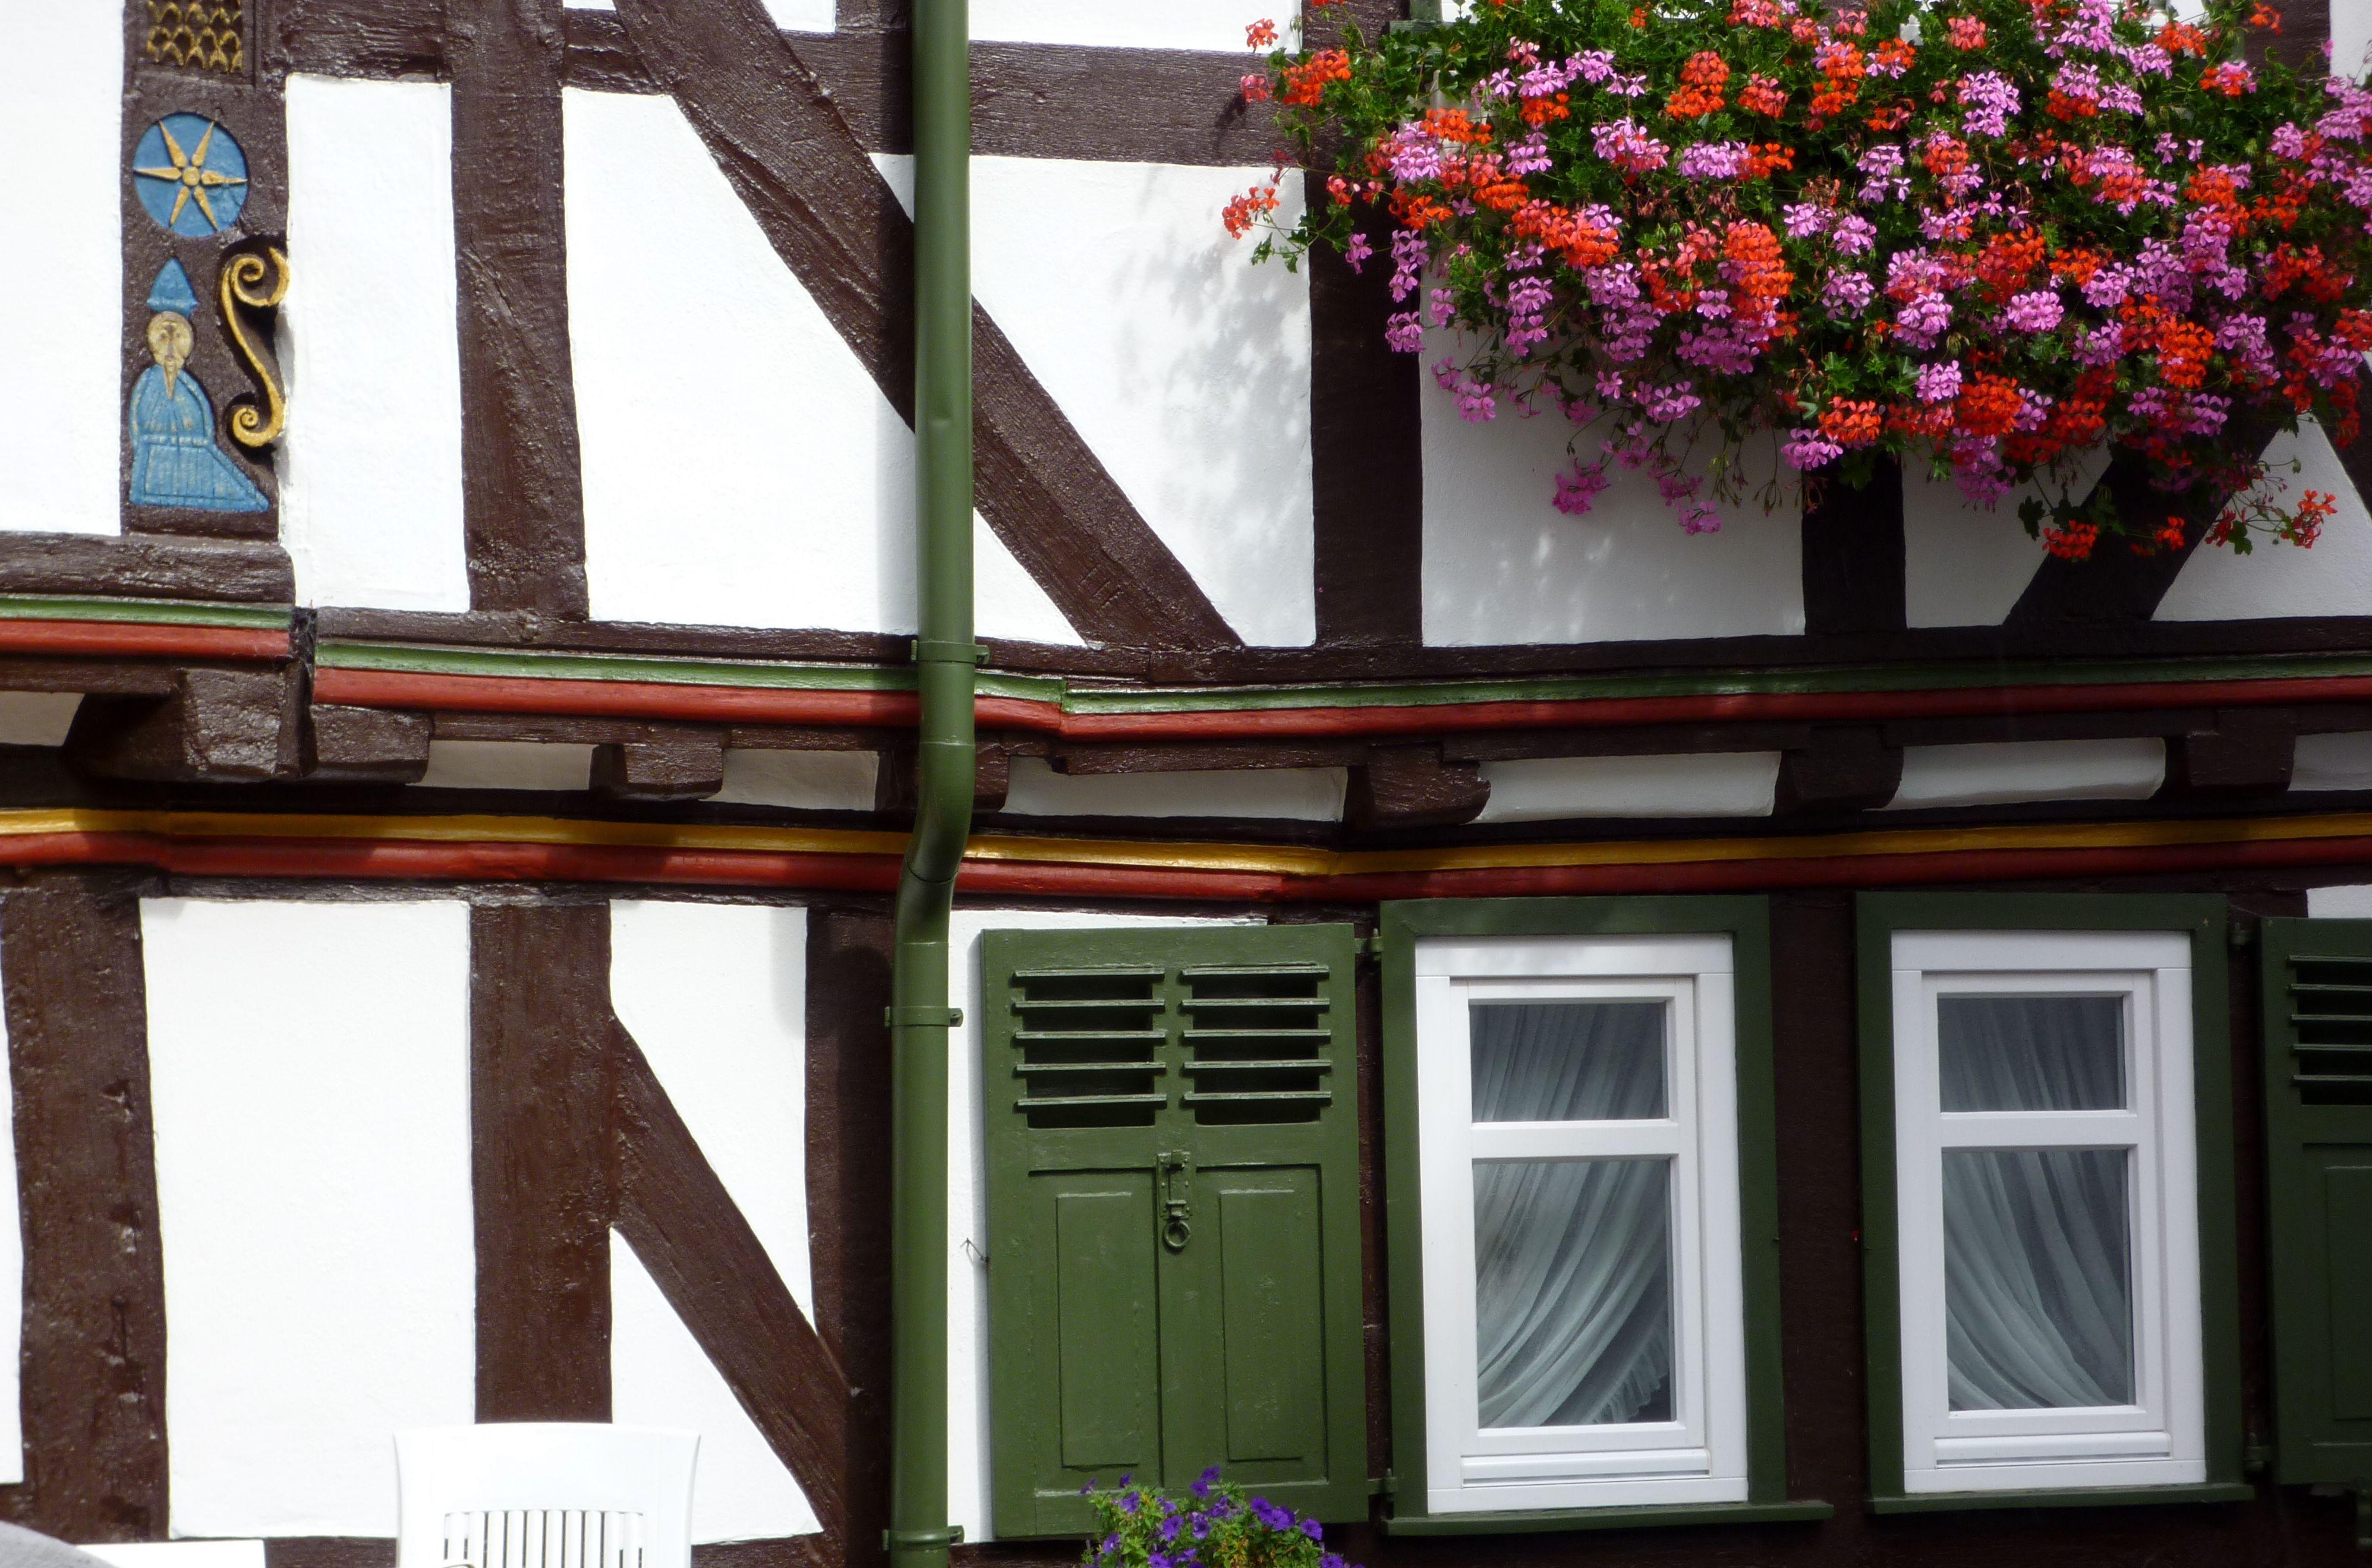 Fenster Fachwerkhaus file braunfels fachwerkhaus blumen fenster türe jpg wikimedia